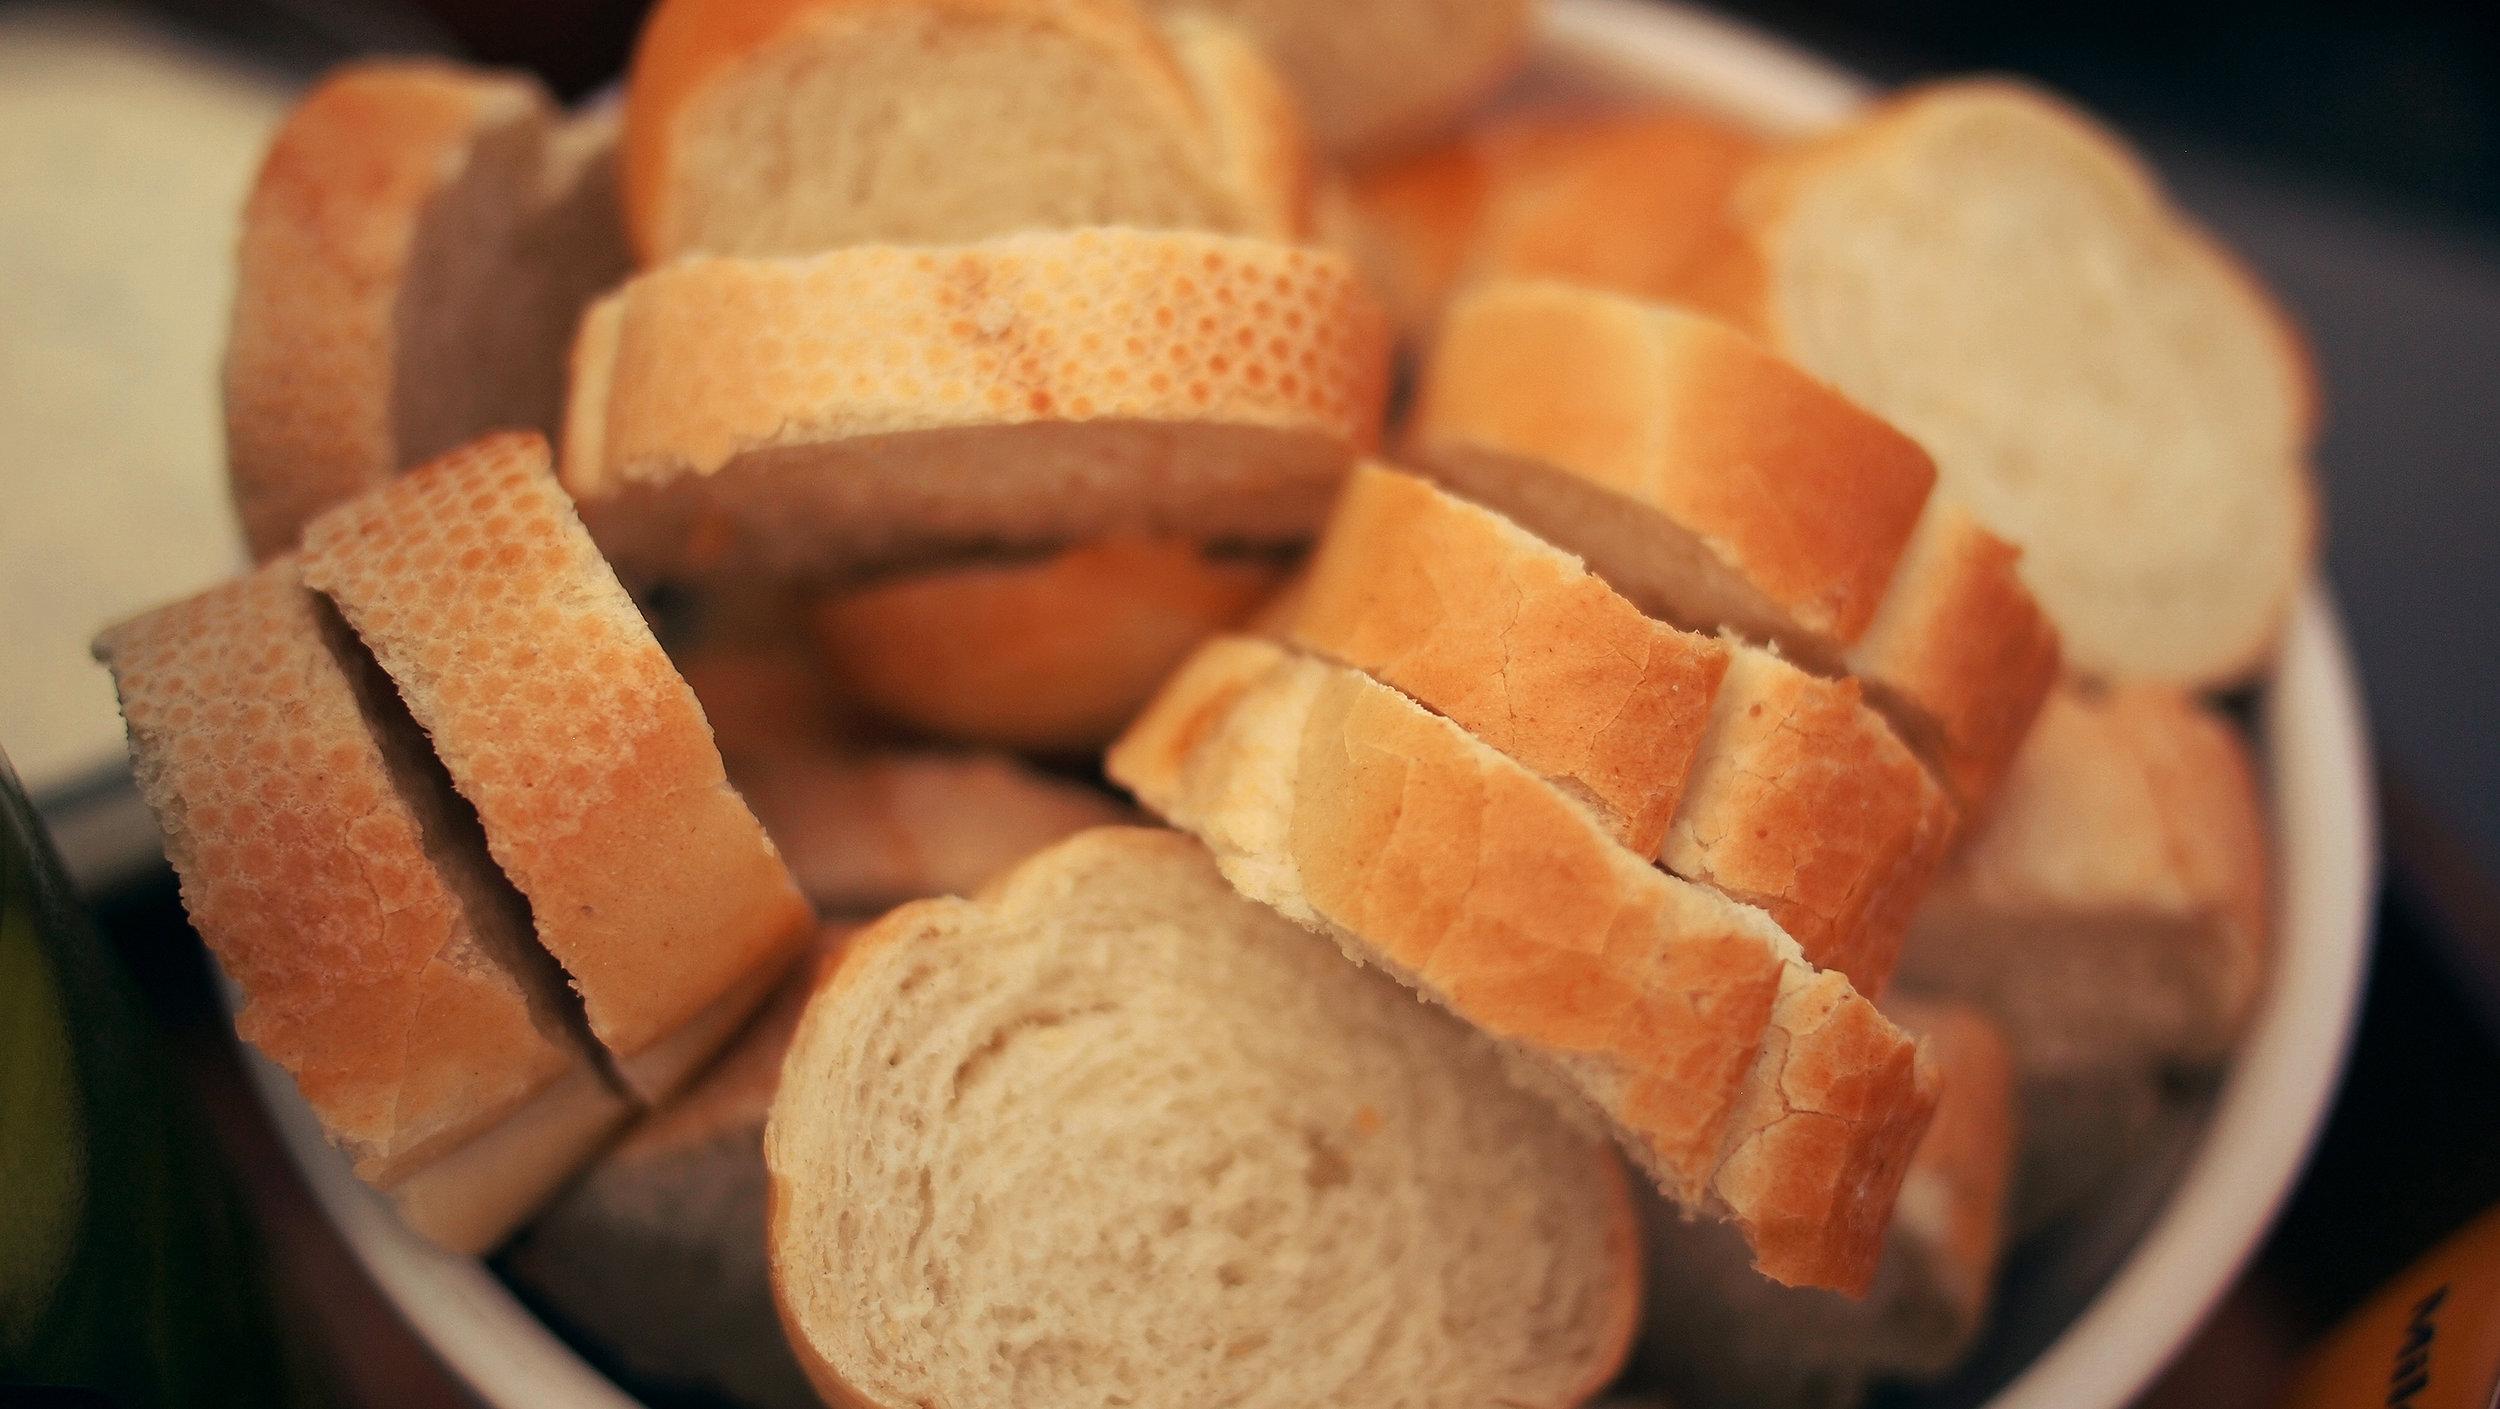 Volunteers pack bread into emergency food boxes.